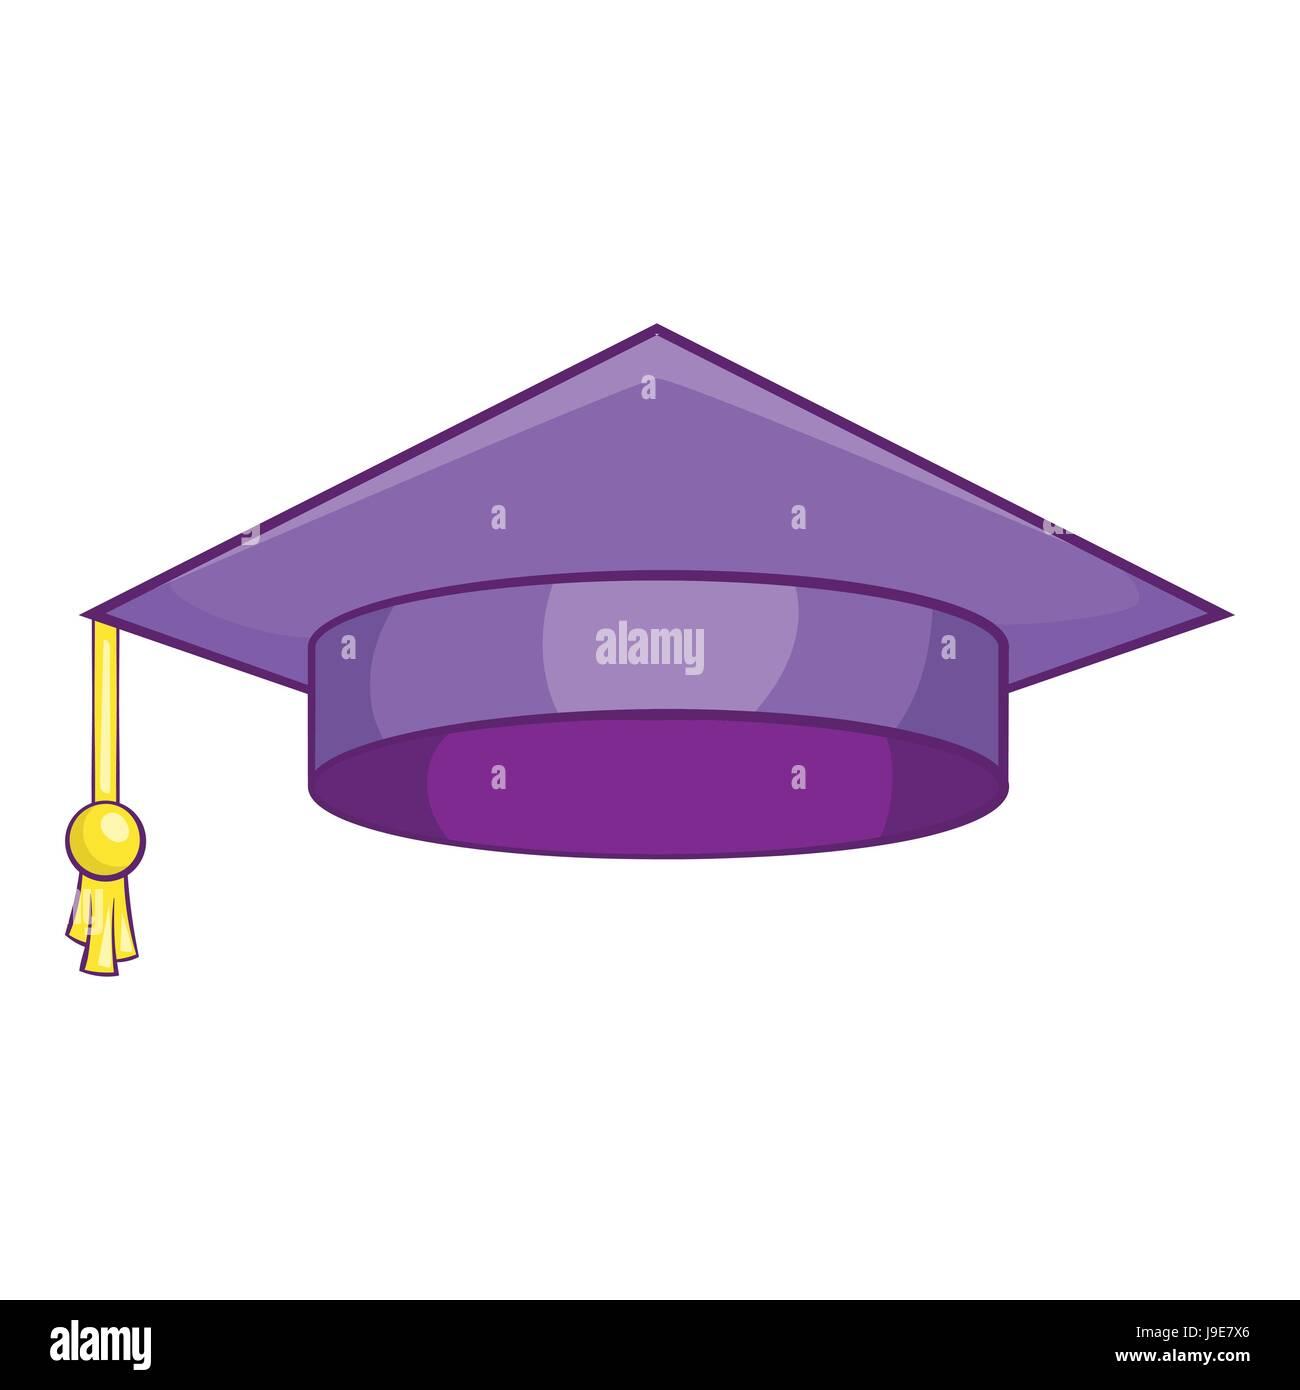 Diploma Cartoon Stockfotos & Diploma Cartoon Bilder - Seite 10 - Alamy